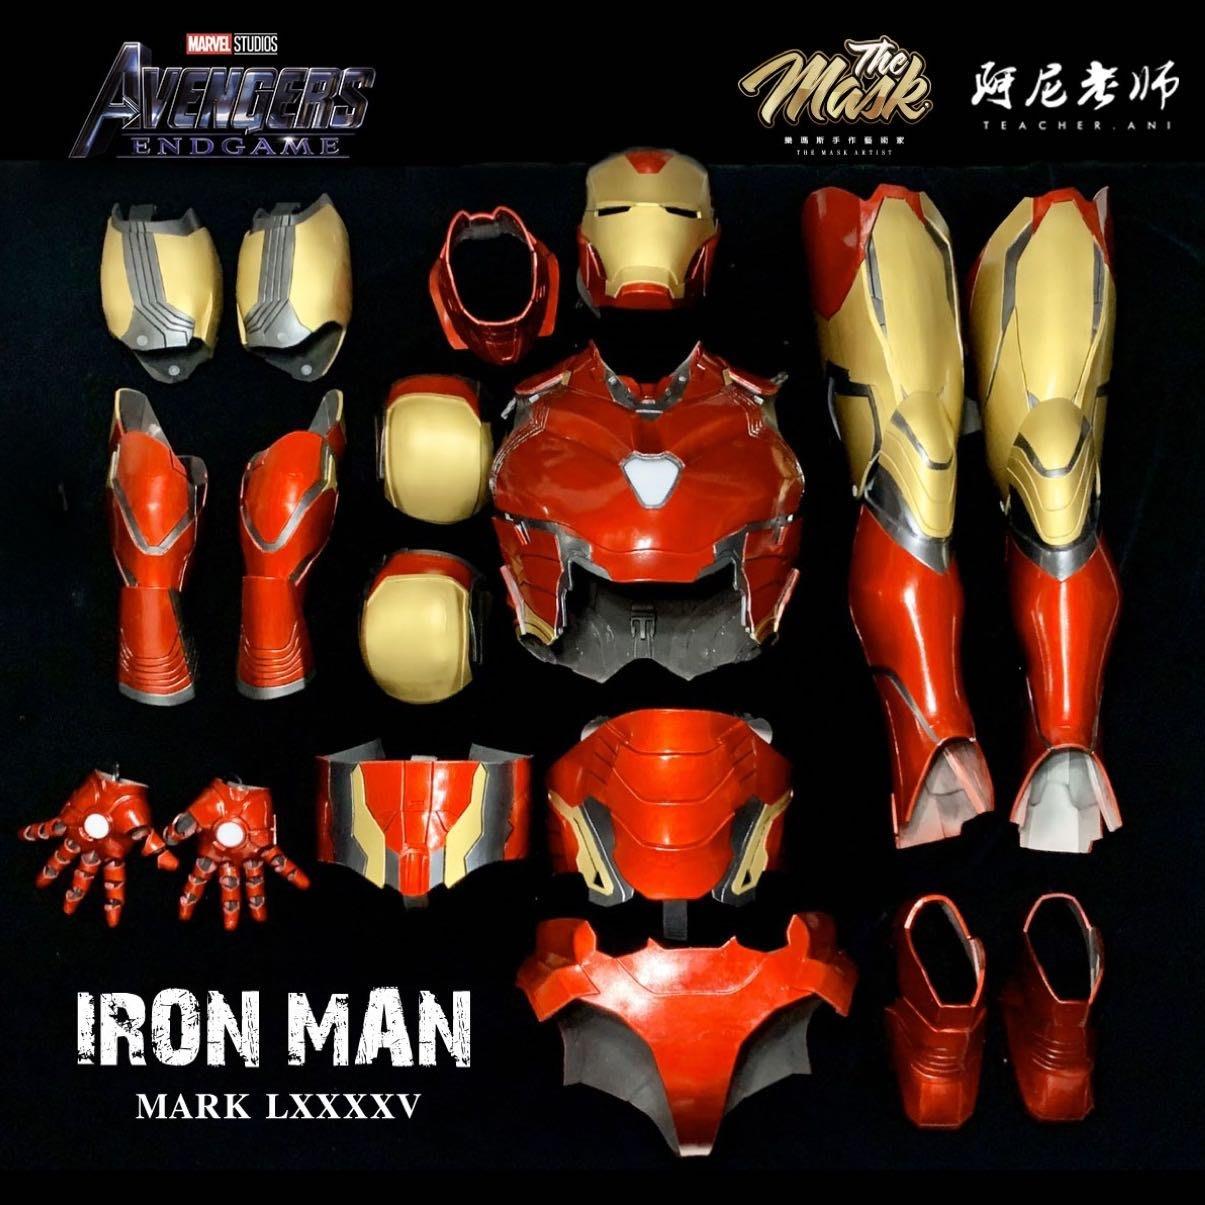 【 尾款下單區 】鋼鐵人 Mark 85 奈米盔甲|可刷卡分期 |復仇者聯盟4 - 終局之戰 | Cosplay | 角色扮演 | 東尼史塔克 |